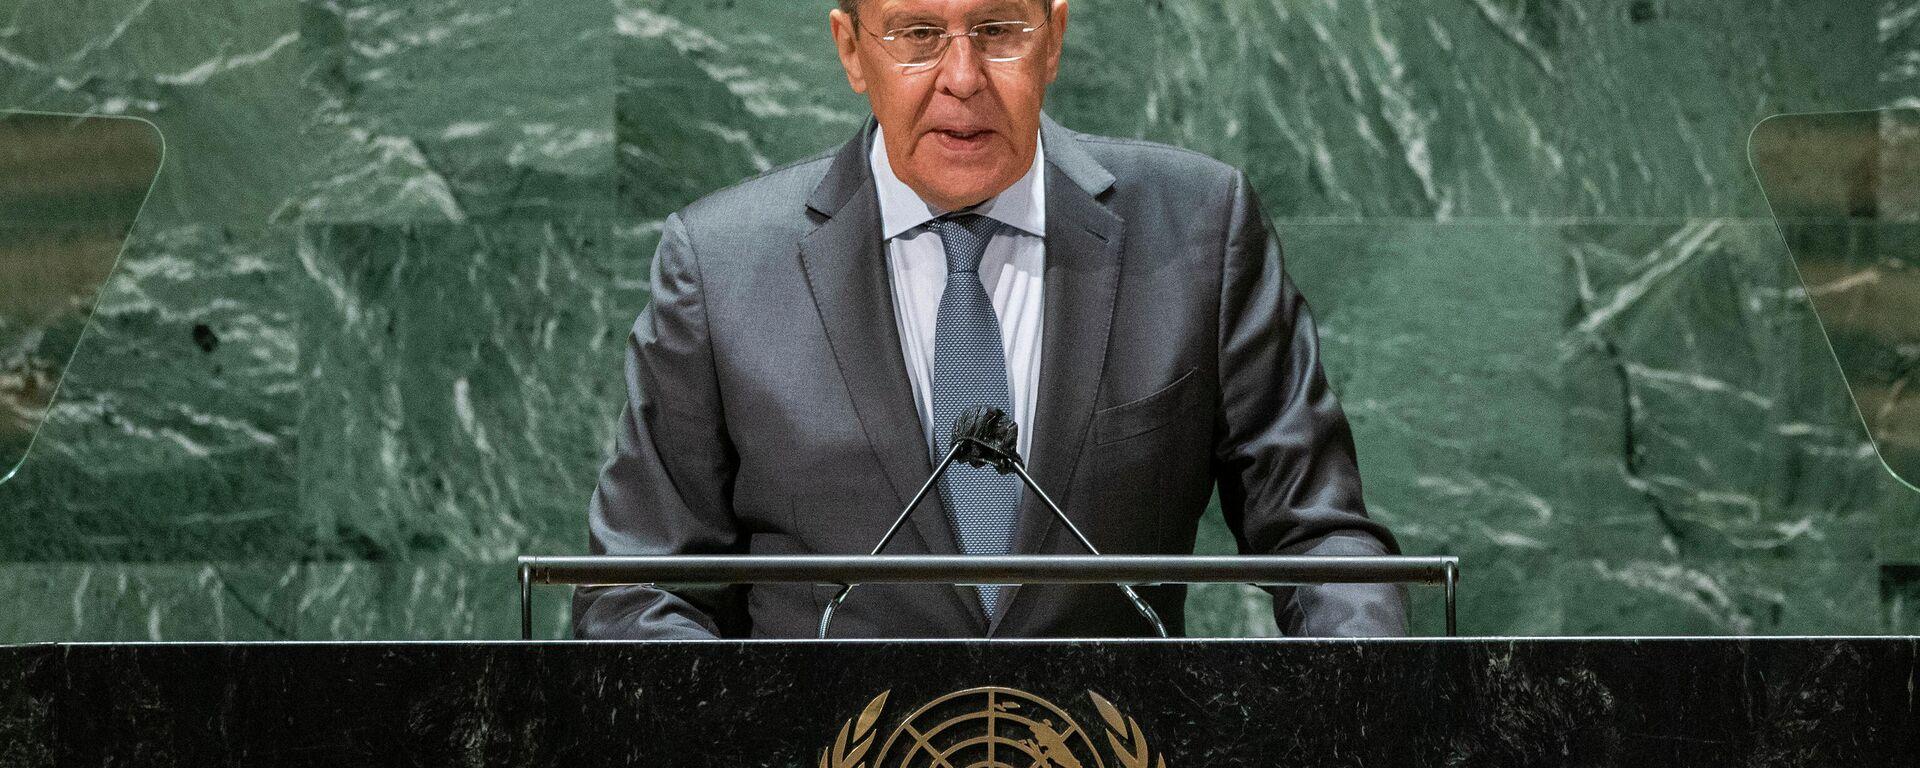 Russlands Außernminister hält Rede vor der 76. Sitzung der UN-Generalversammlung - SNA, 1920, 26.09.2021